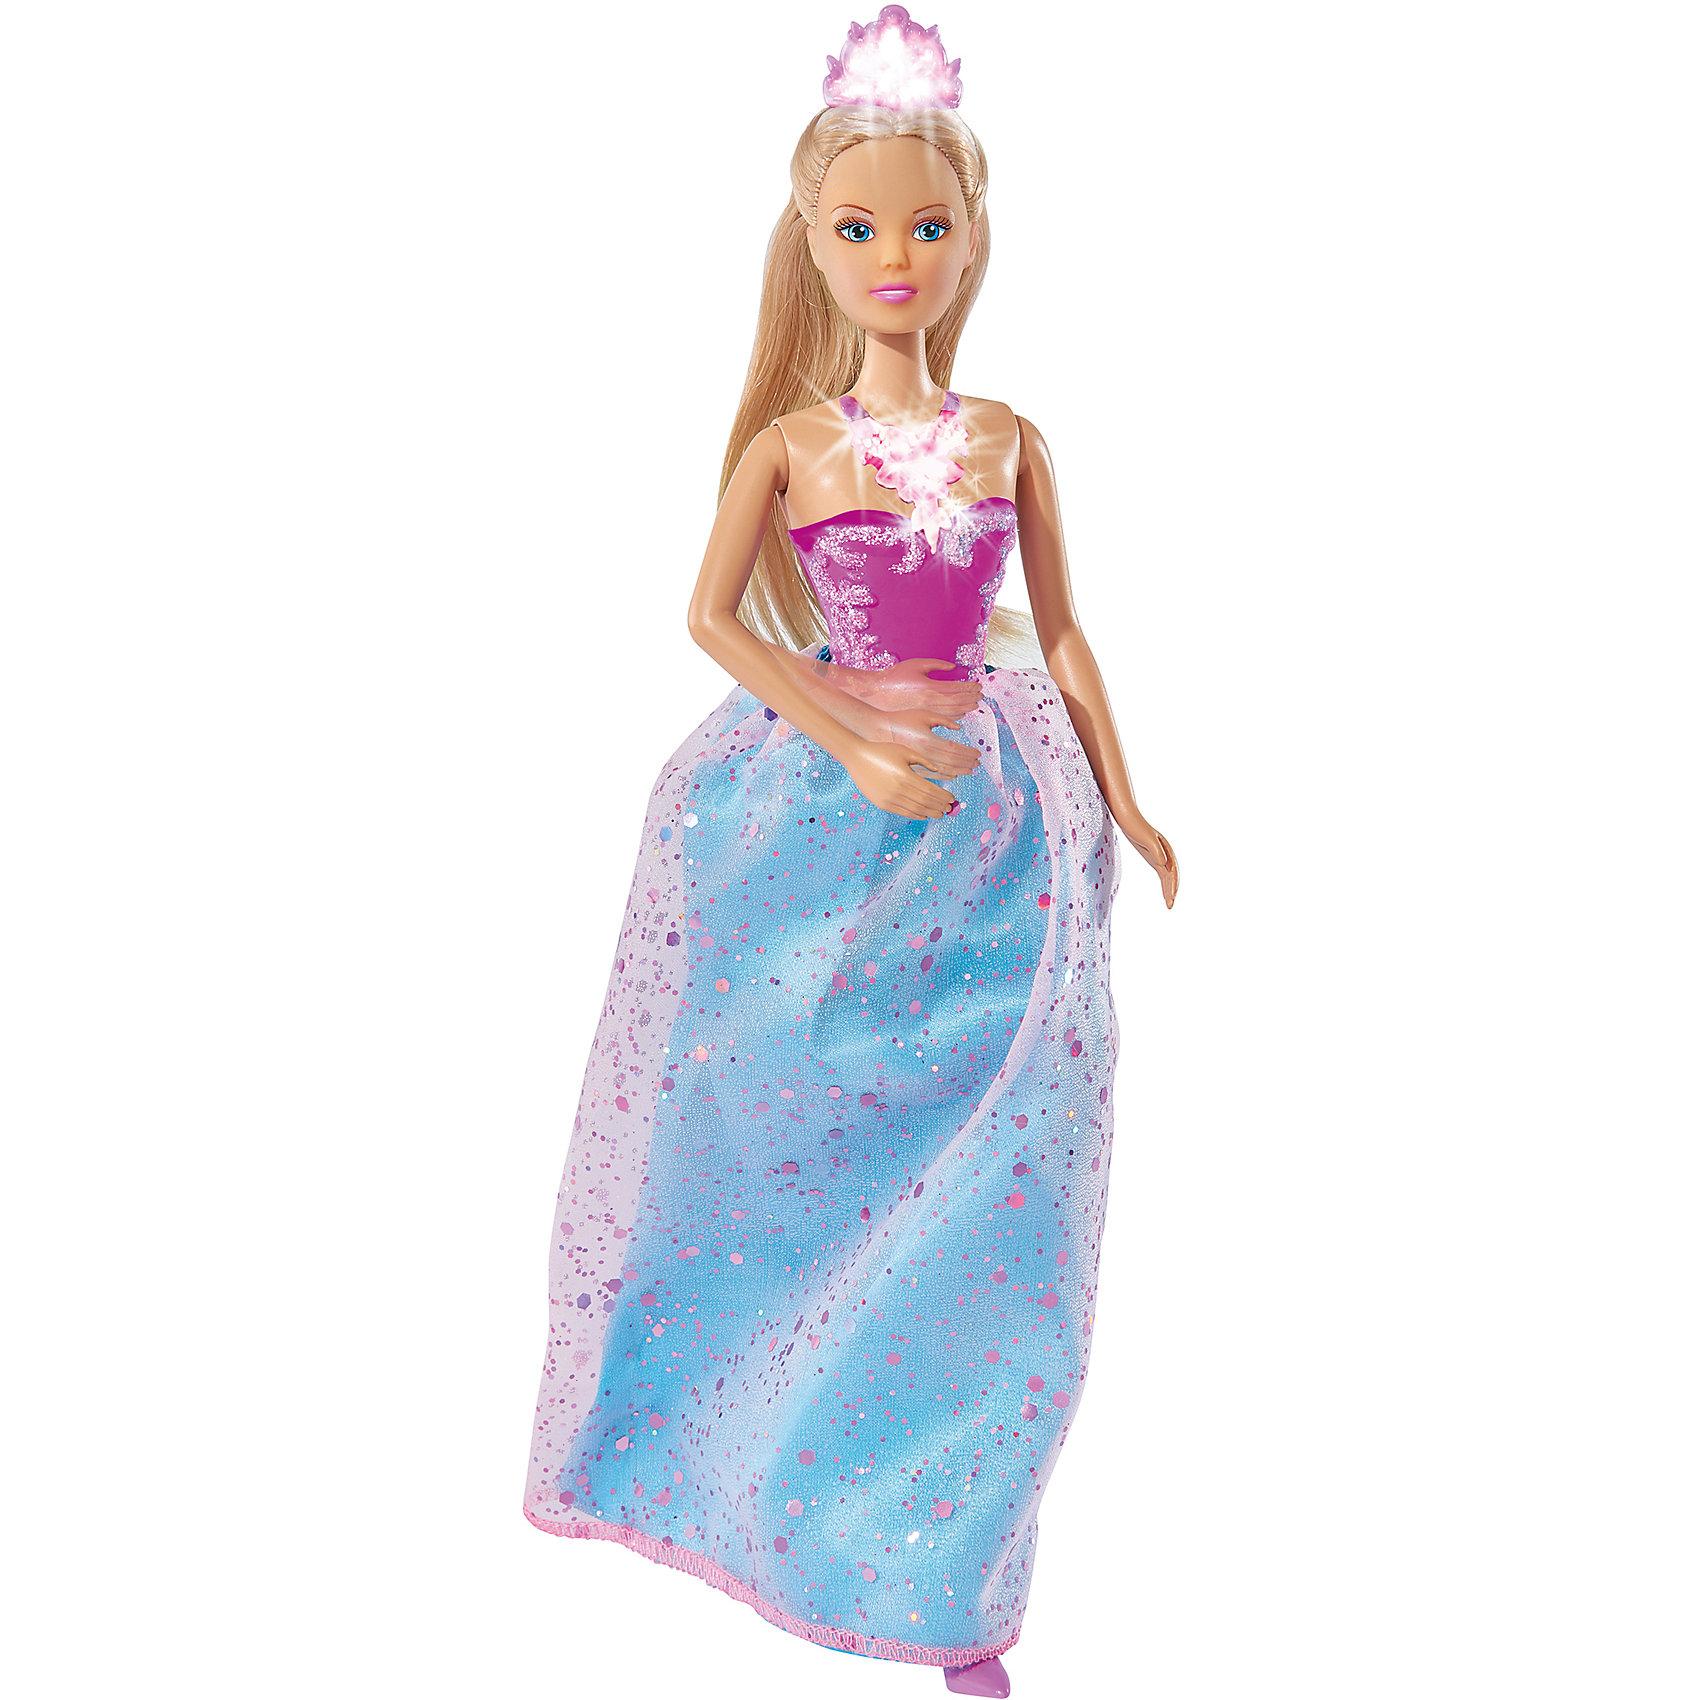 Simba Кукла Штеффи магическая принцесса, 29 см, Simba куклы и одежда для кукол simba кукла штеффи minnie mouse вечеринка